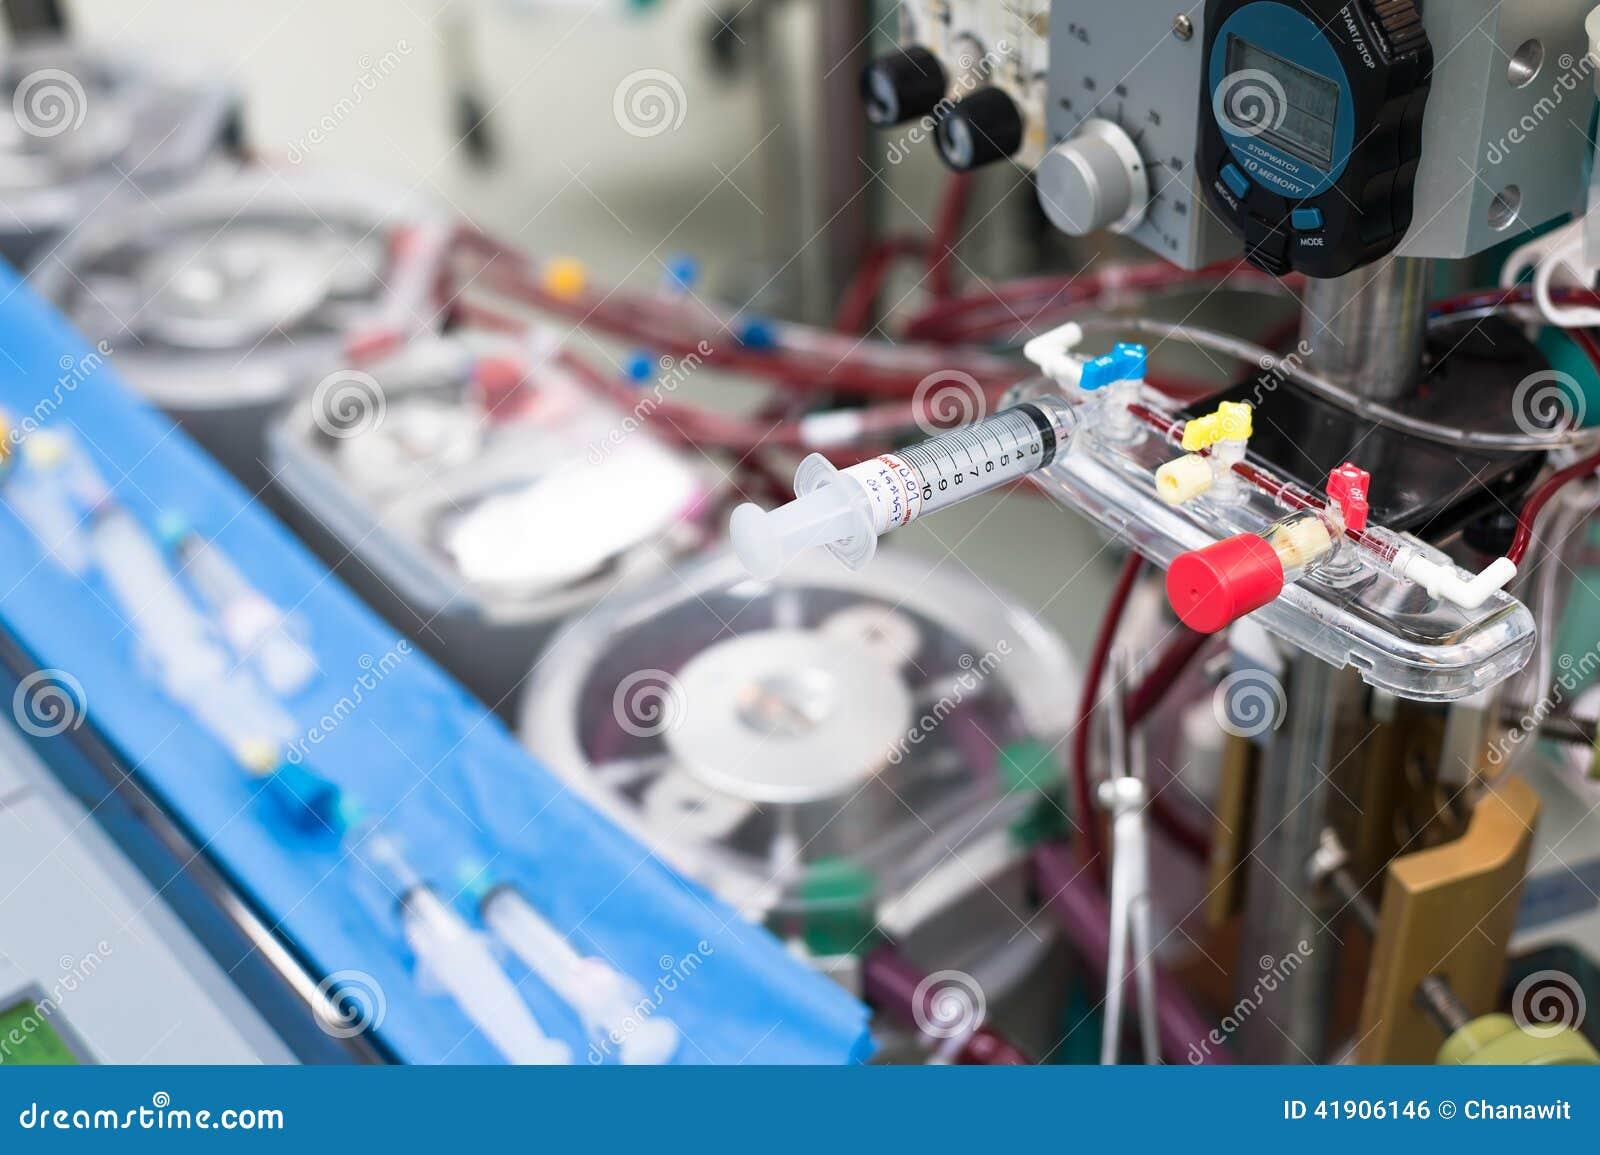 Pieza de la máquina corazón-pulmón